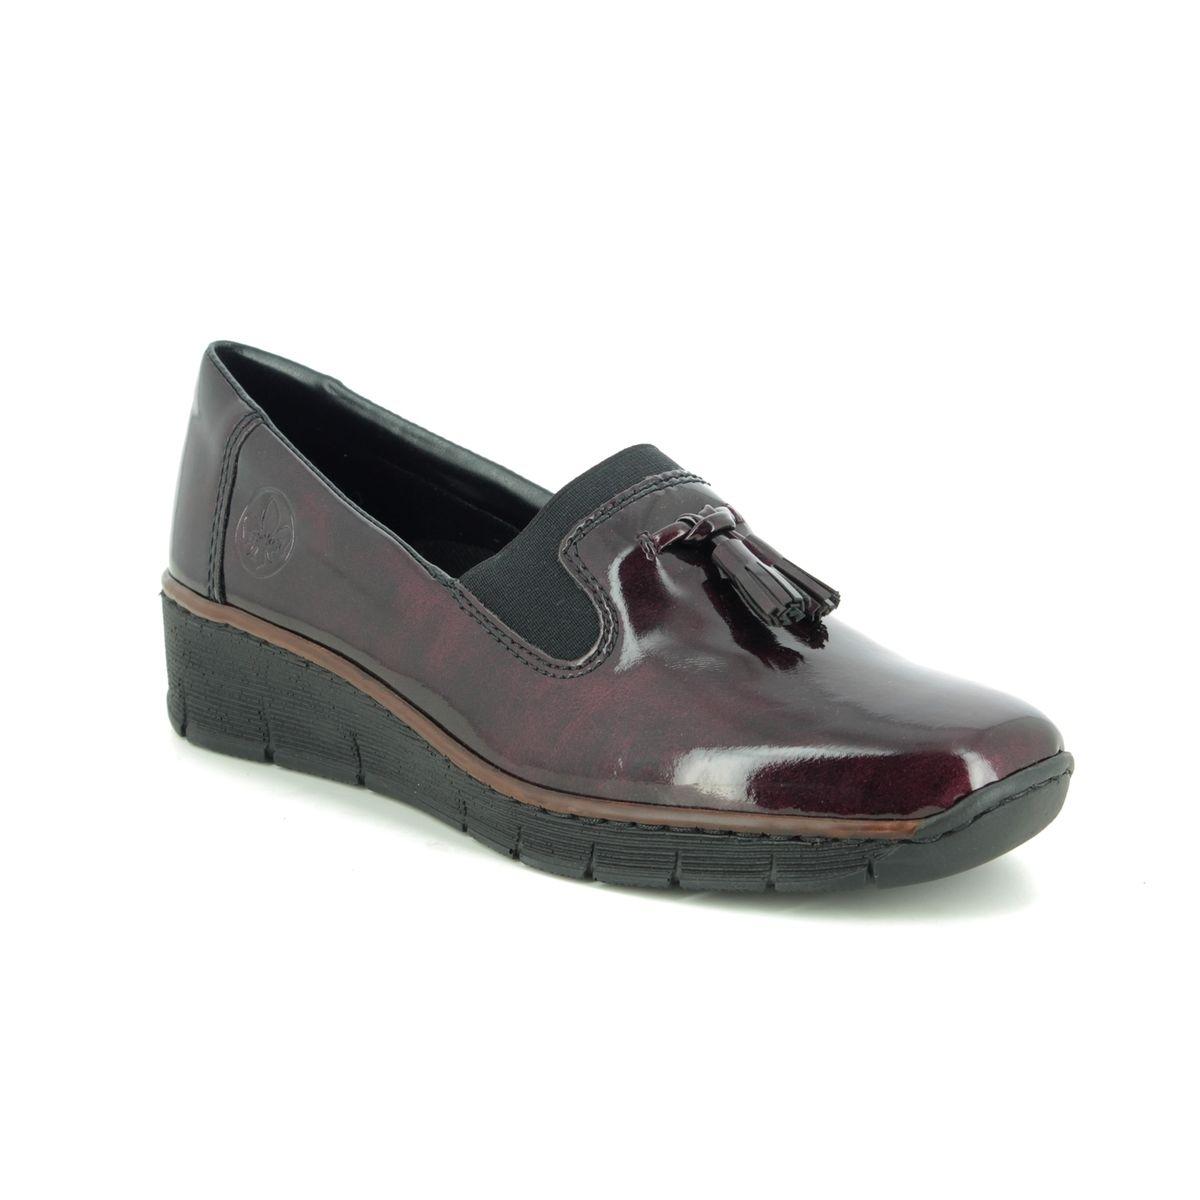 53751 35 Boccilack at Begg Shoes & Bags